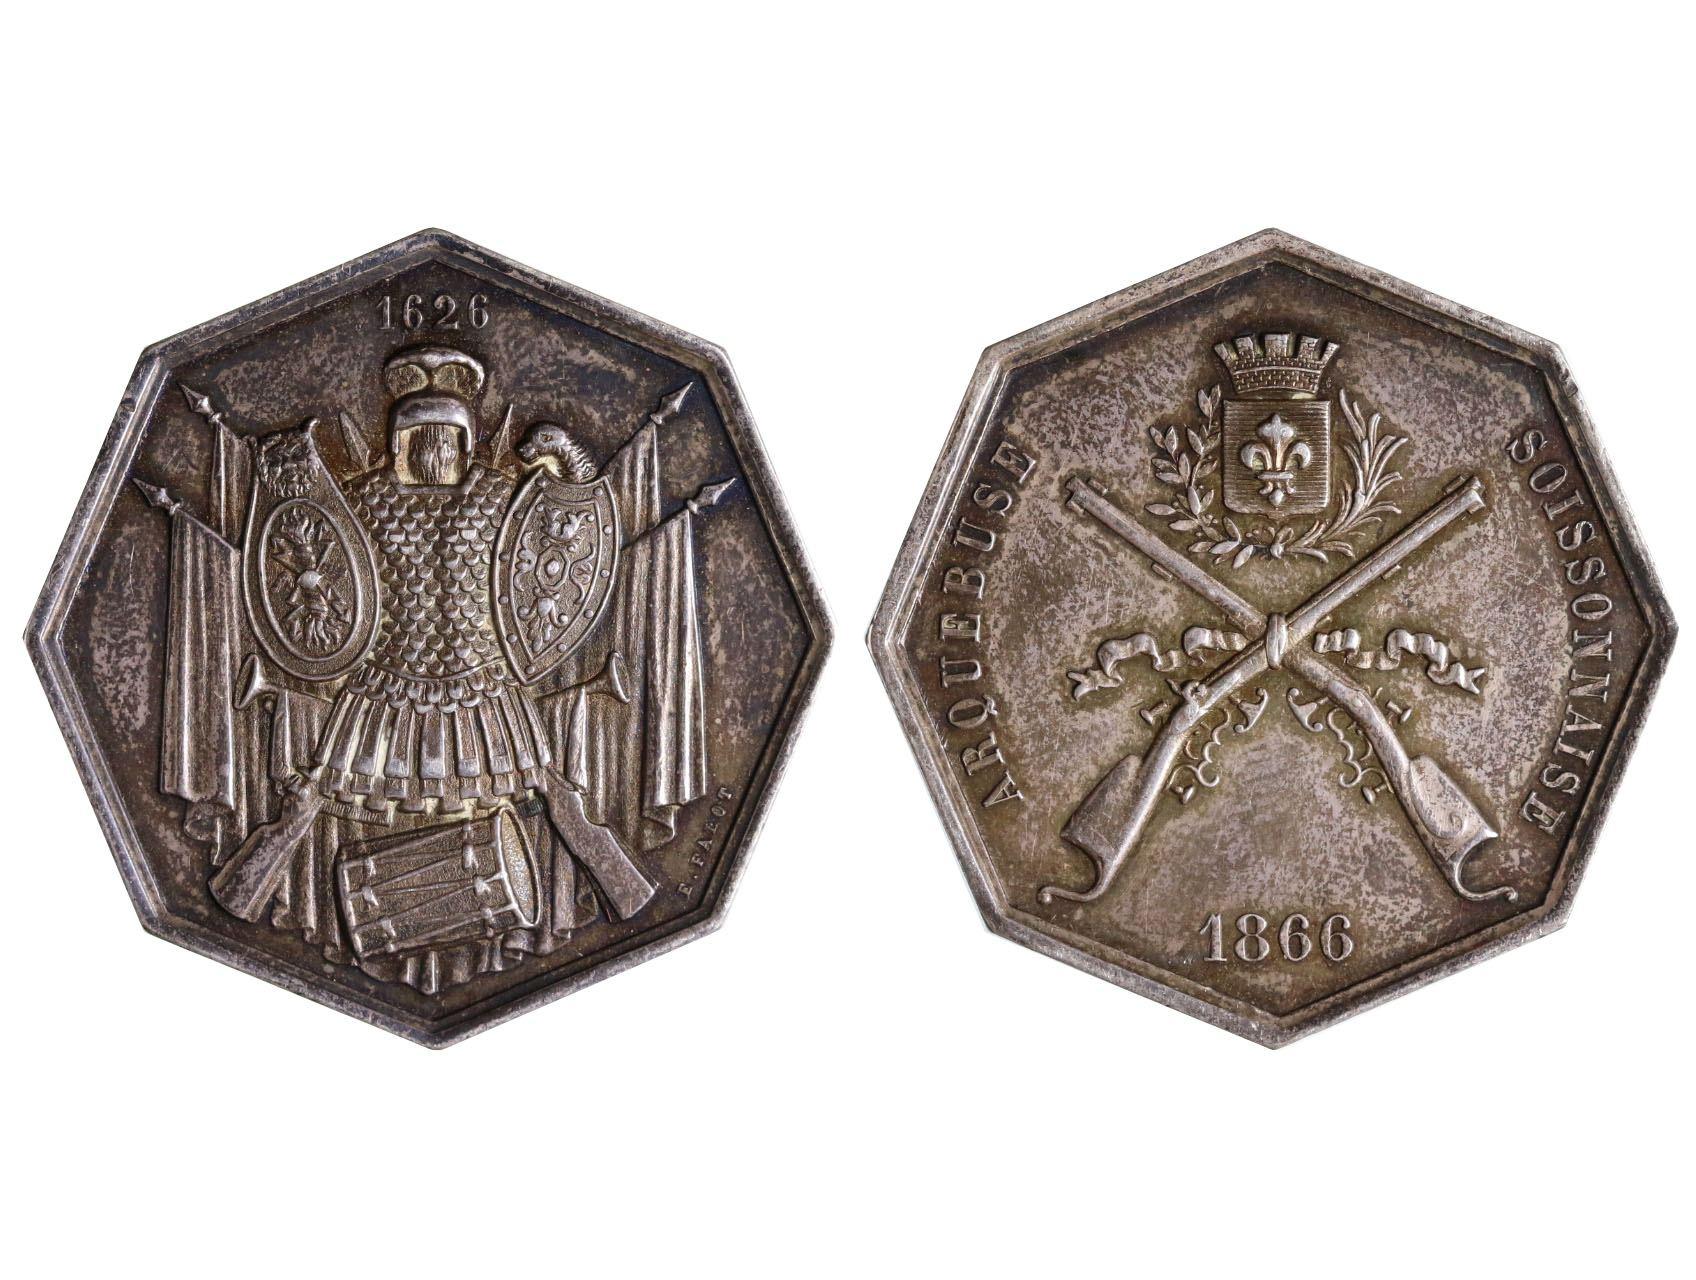 Francie, Ag střelecká osmihranná medaile 1866 arquebuse soissonnaise, E.Falot